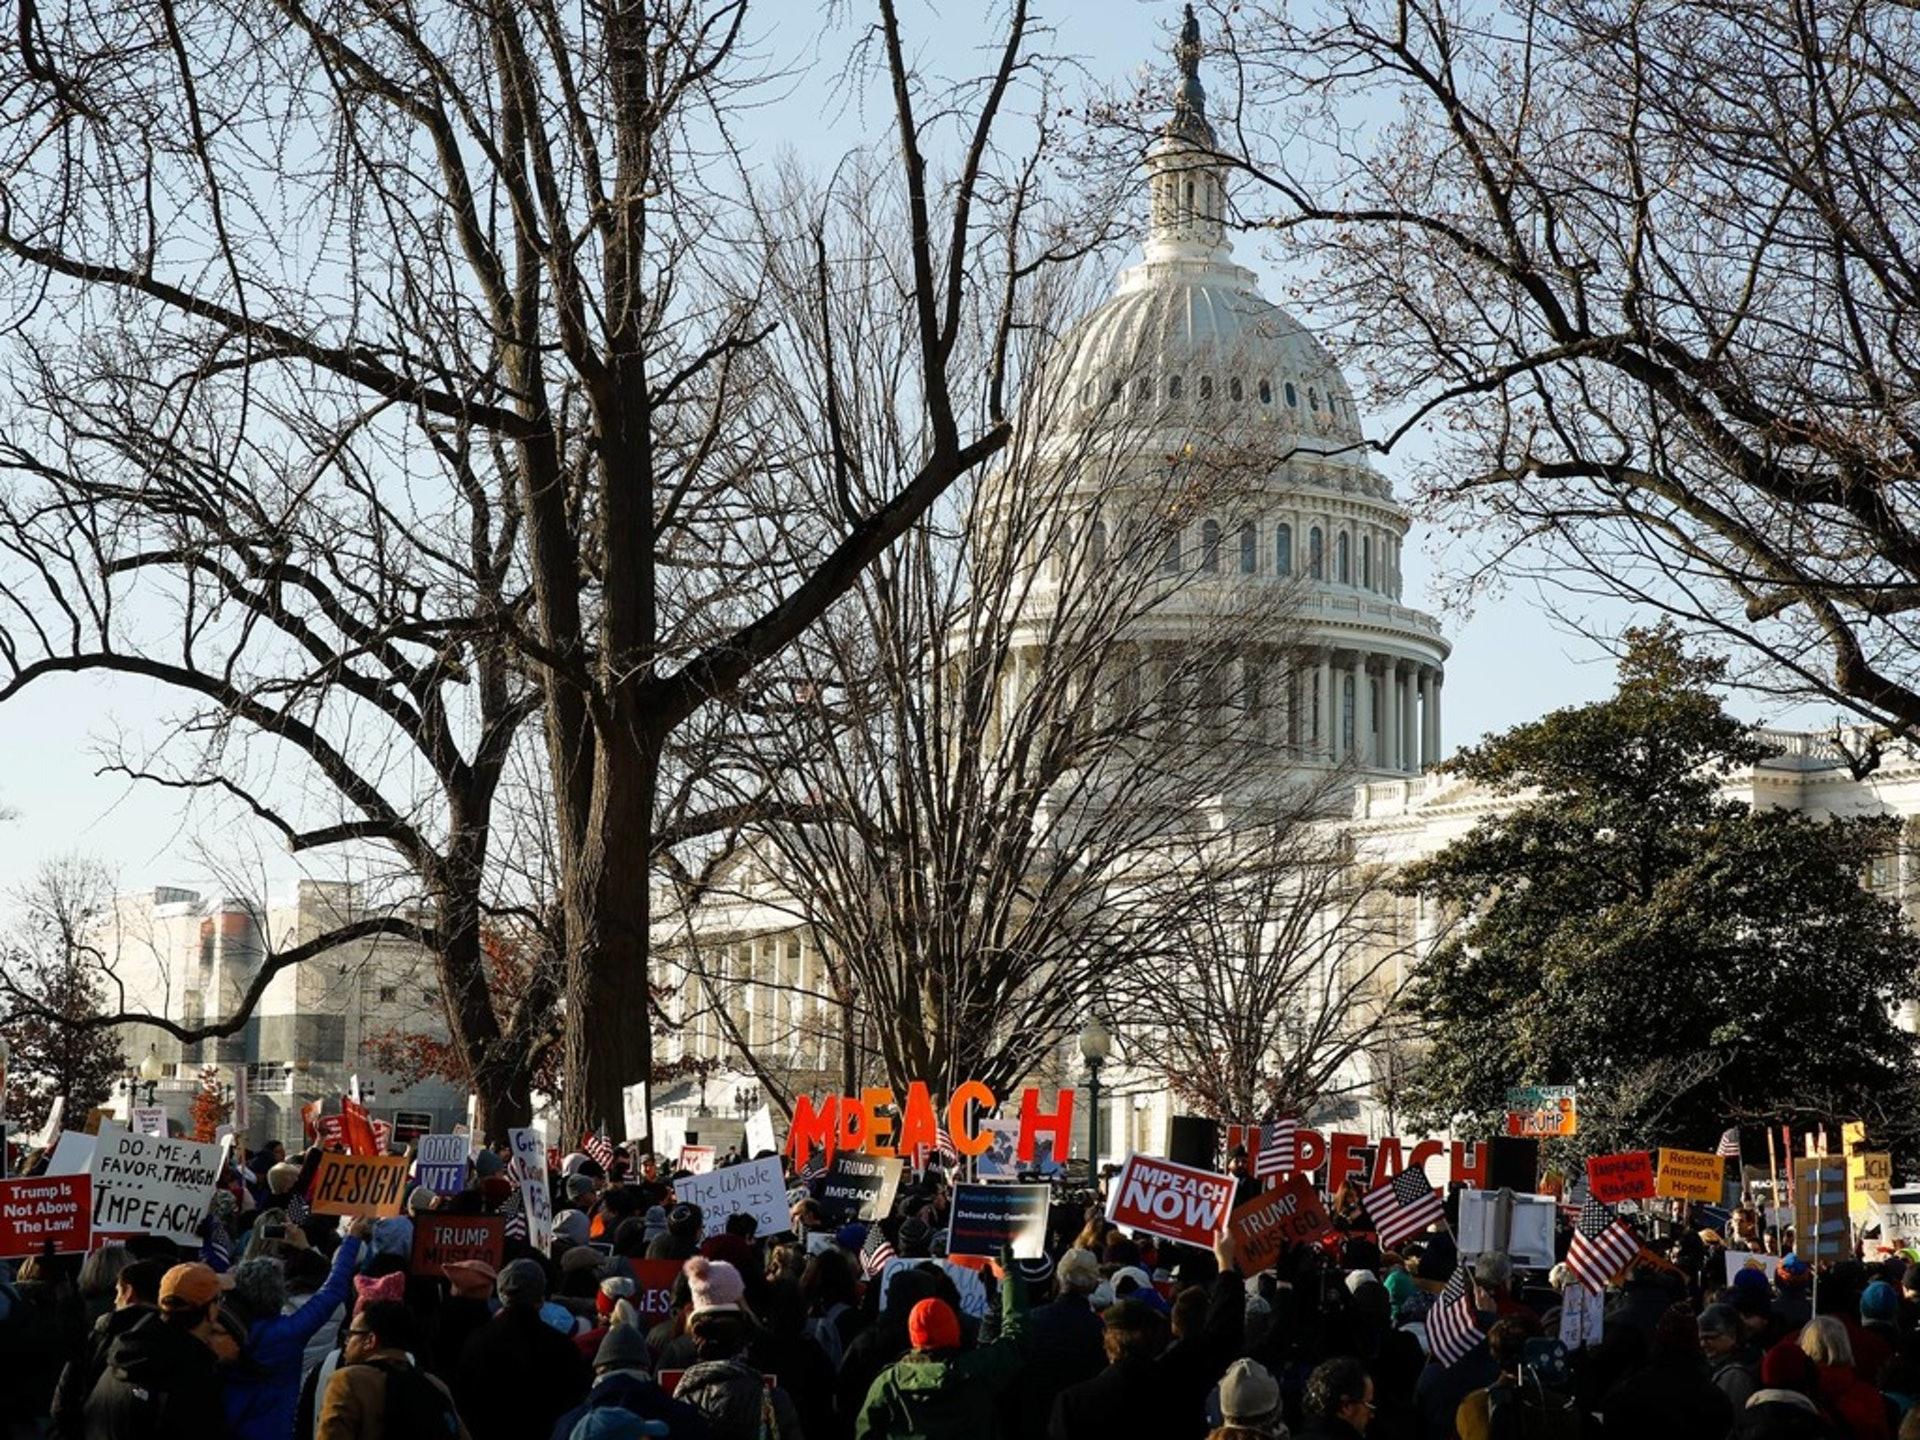 2019年12月18日,美國眾議院通過針對特朗普的彈劾條款之際,支持彈劾的示威人士聚集在國會山外。(AP)